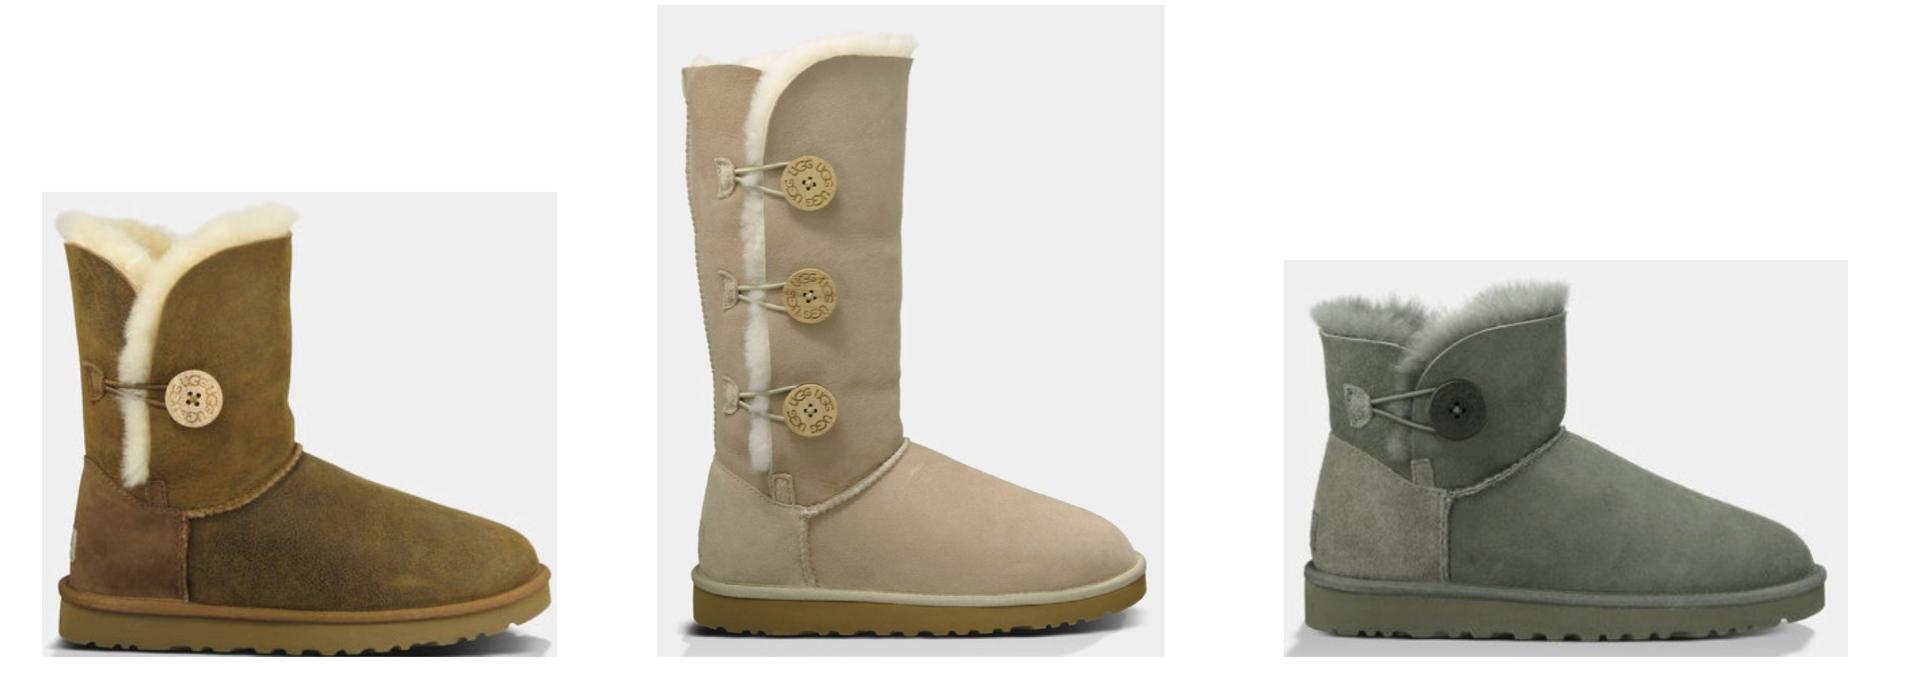 UGGs' Bailey Button Boot design